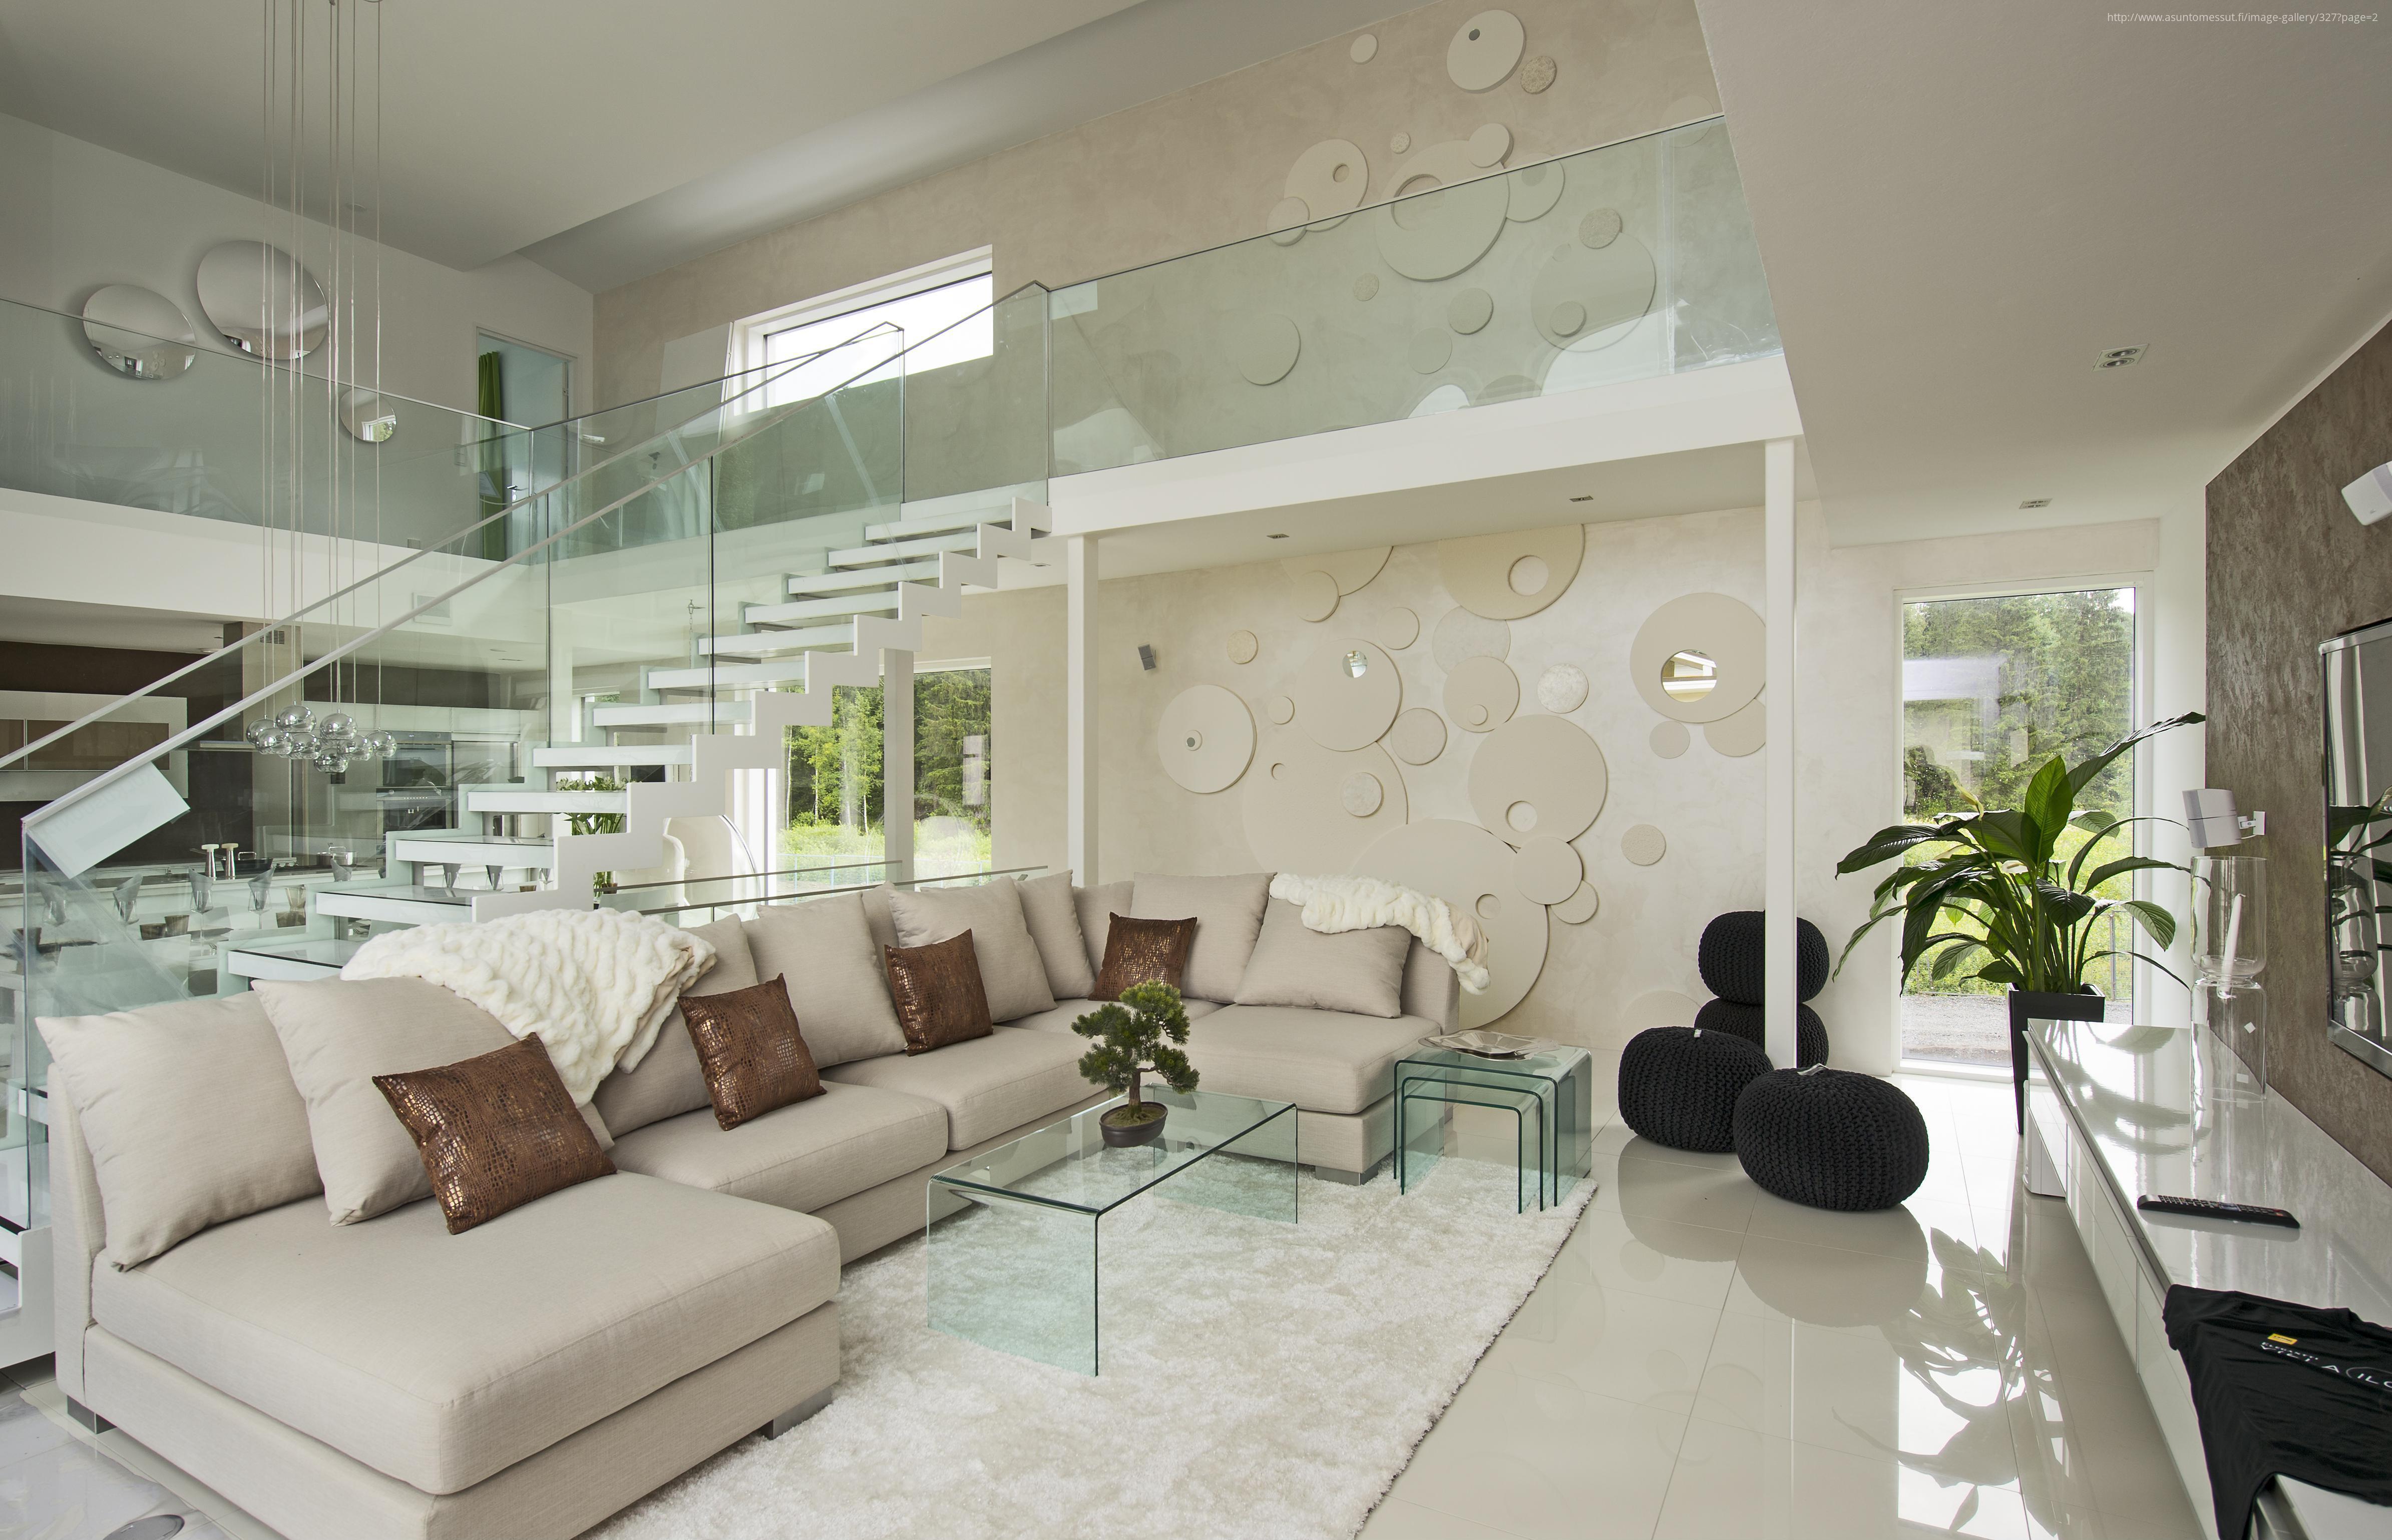 Nőies bézs nappali üvegasztallal // HOMEINFO.hu - Inspirációtár